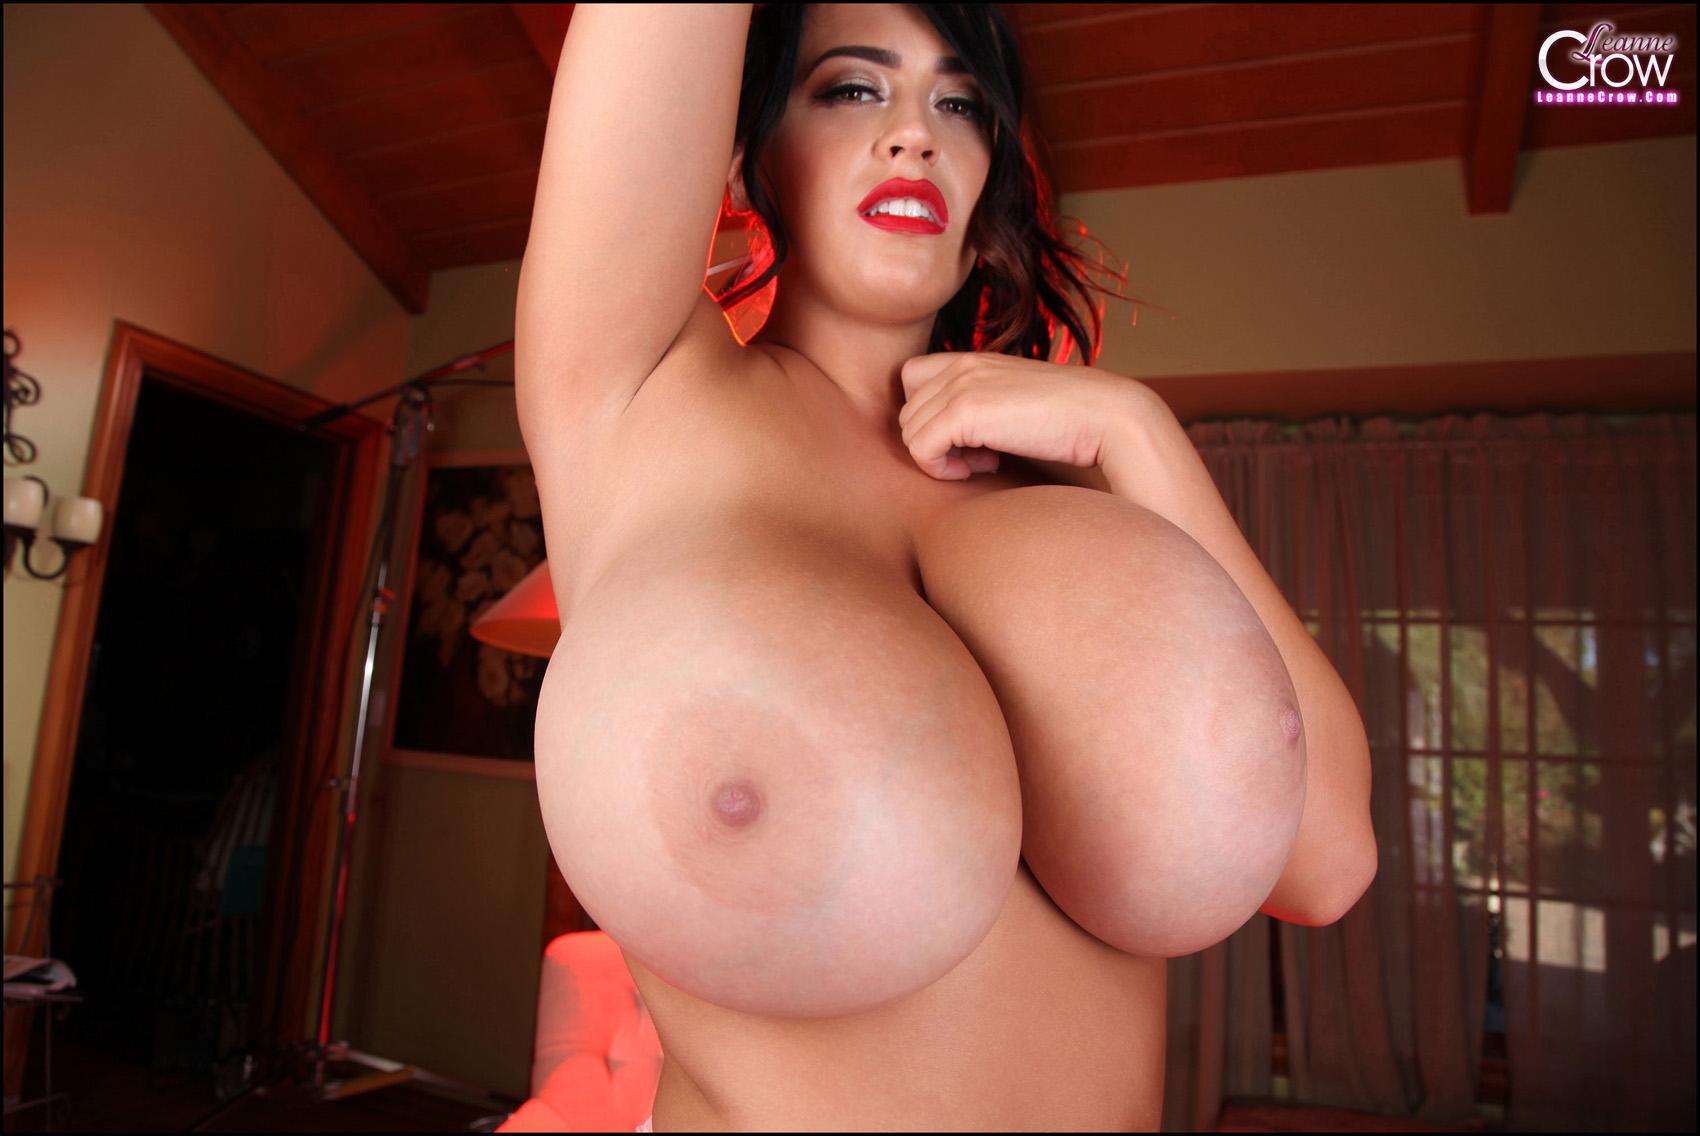 Leanne Crow porno minuscolo asiatico anale porno